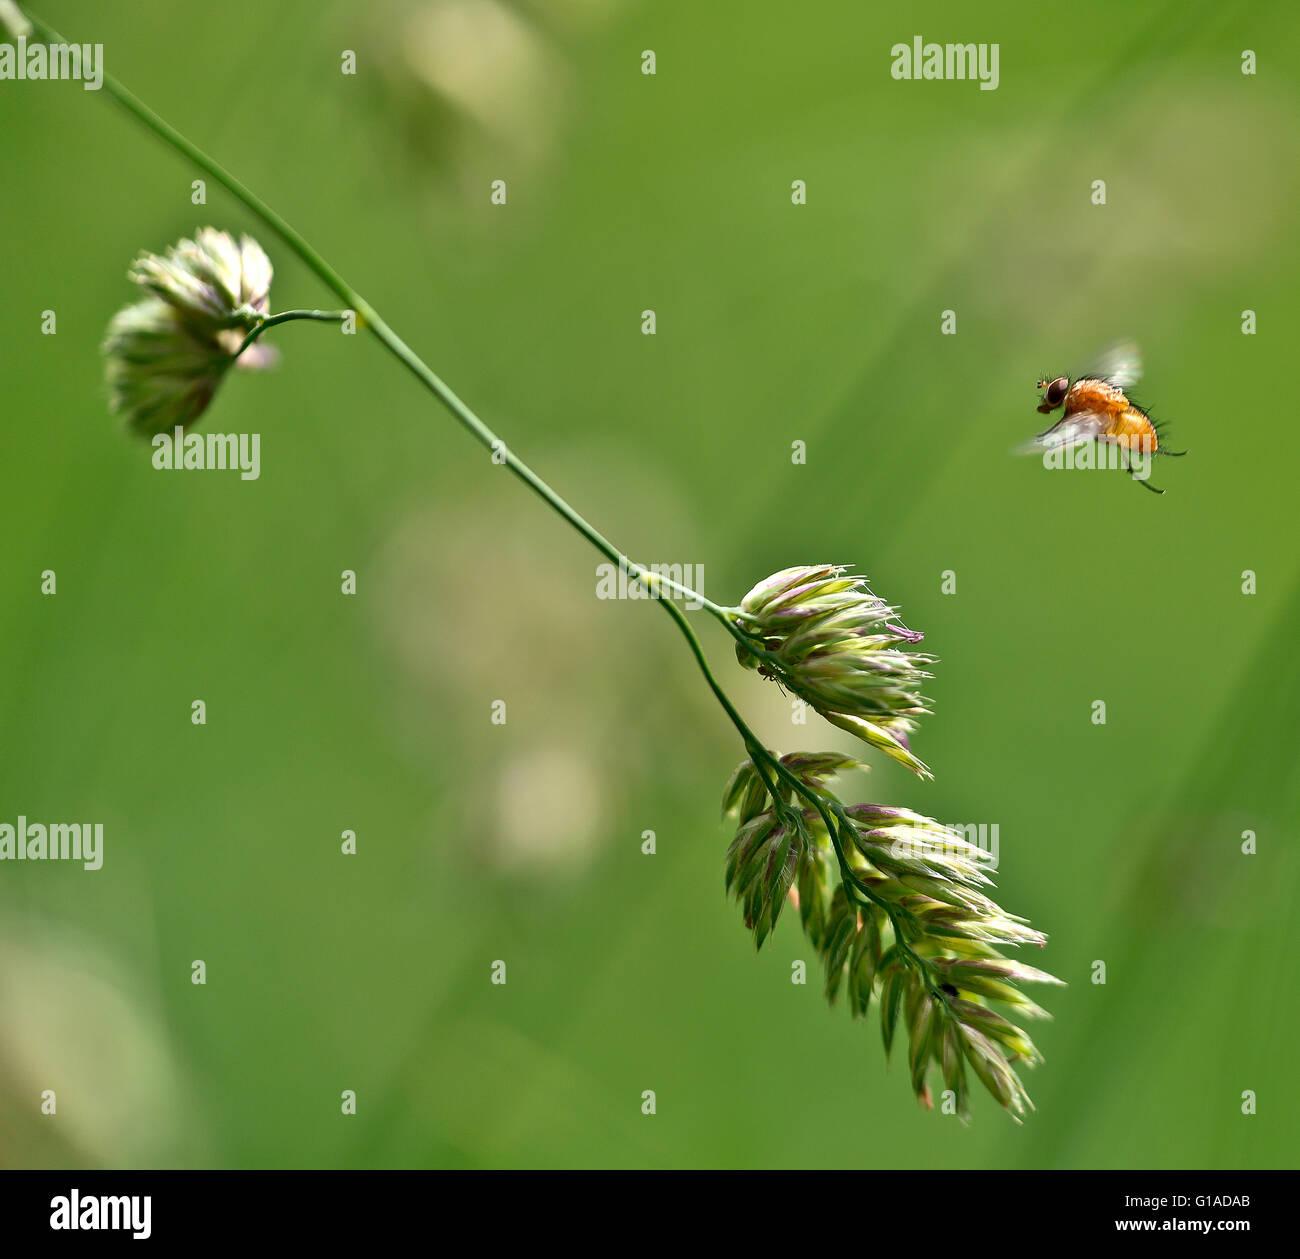 Eine Fliege im Anflug auf einen blühenden Grashalm. Stock Photo